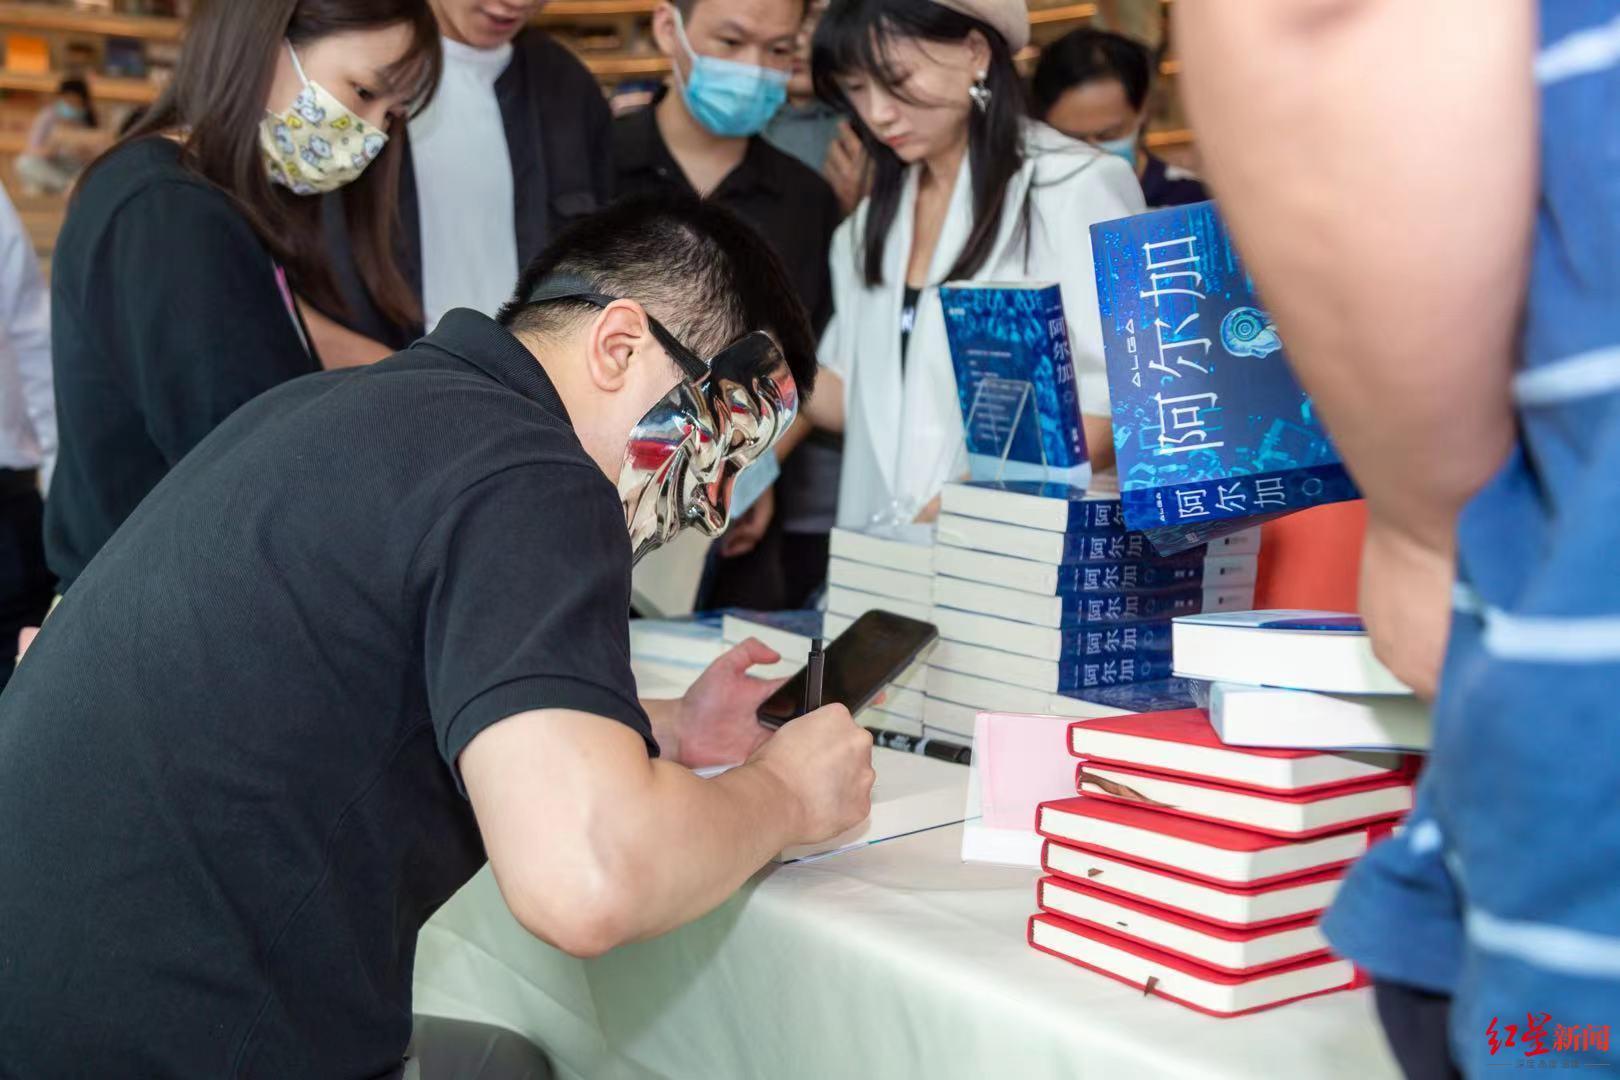 戴面具的作家又来了!从金融跨界科幻题材,梁成新书探讨人工智能